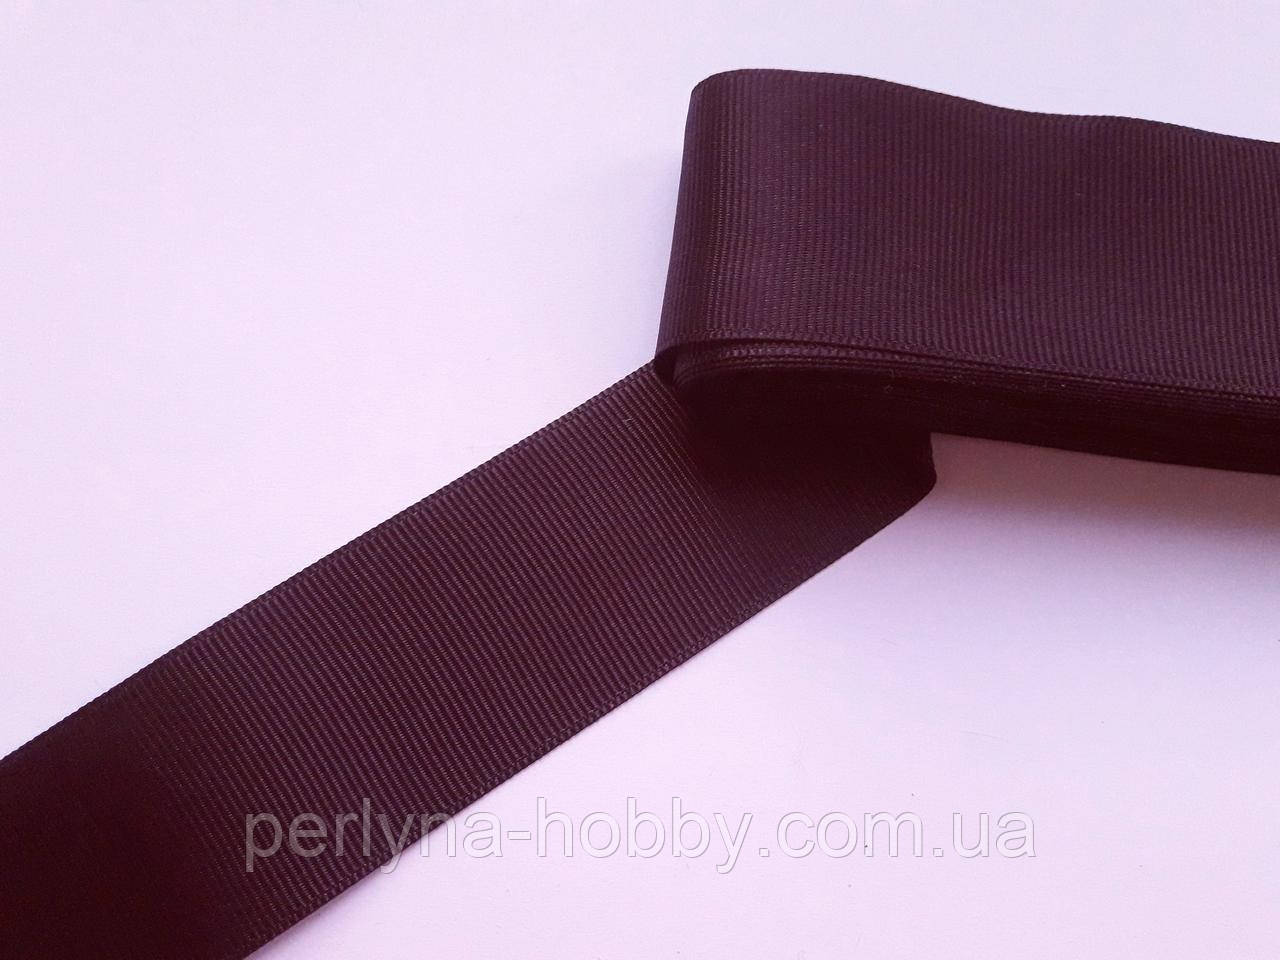 Стрічка репсова 40 мм, темно-фіолетова, сливова №39. Туреччина